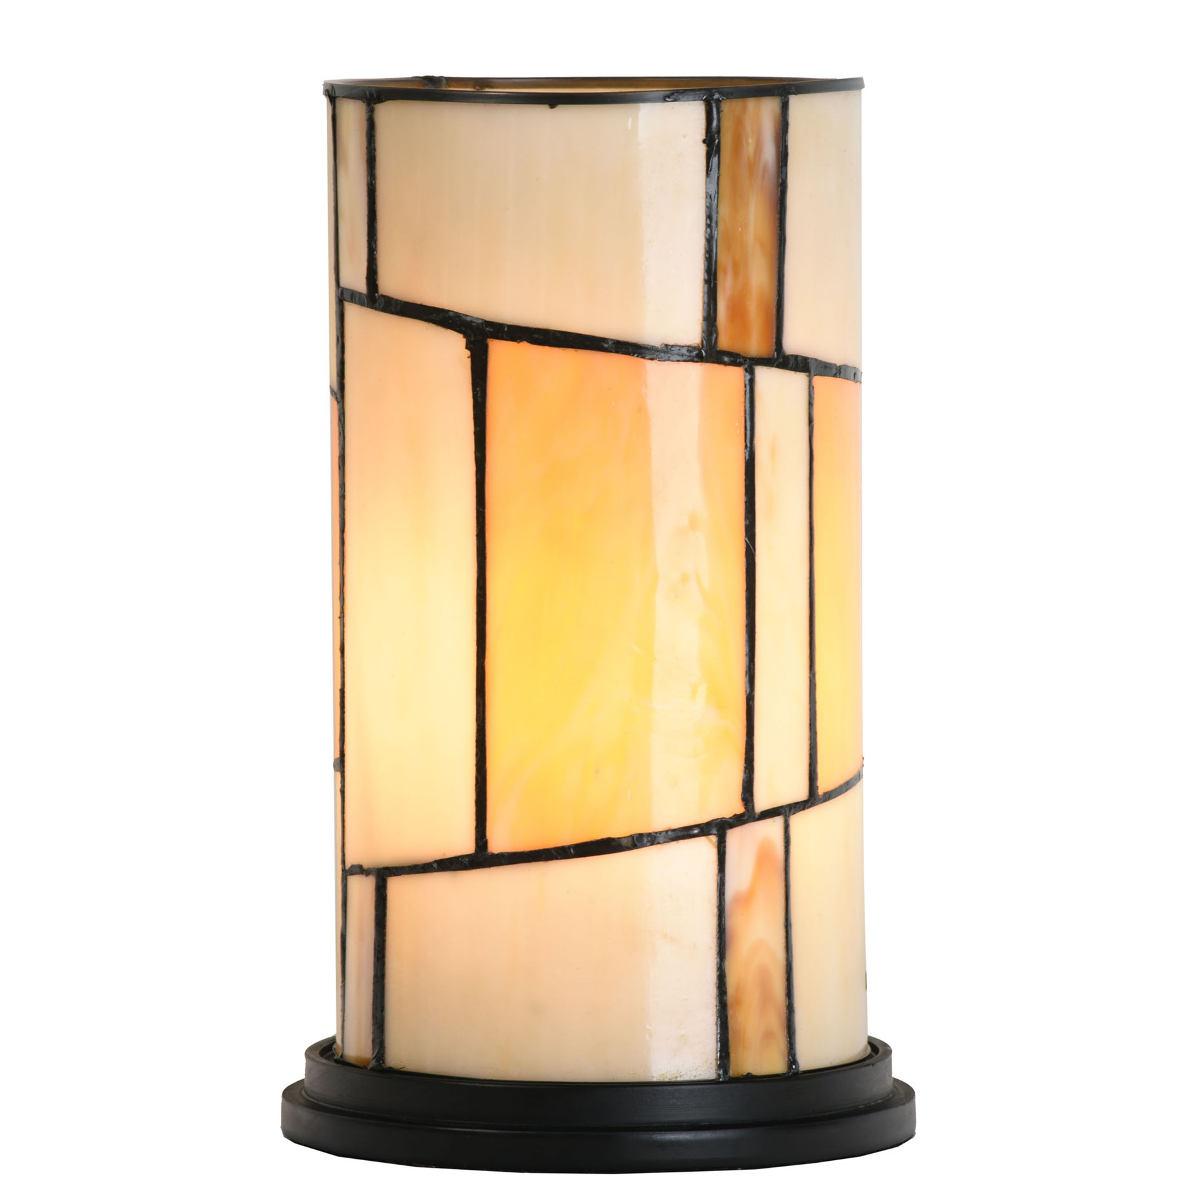 85b2b2c5871fc0 Zylindrische Tiffany-Tischleuchte im Art Déco-Stil - Casa Lumi